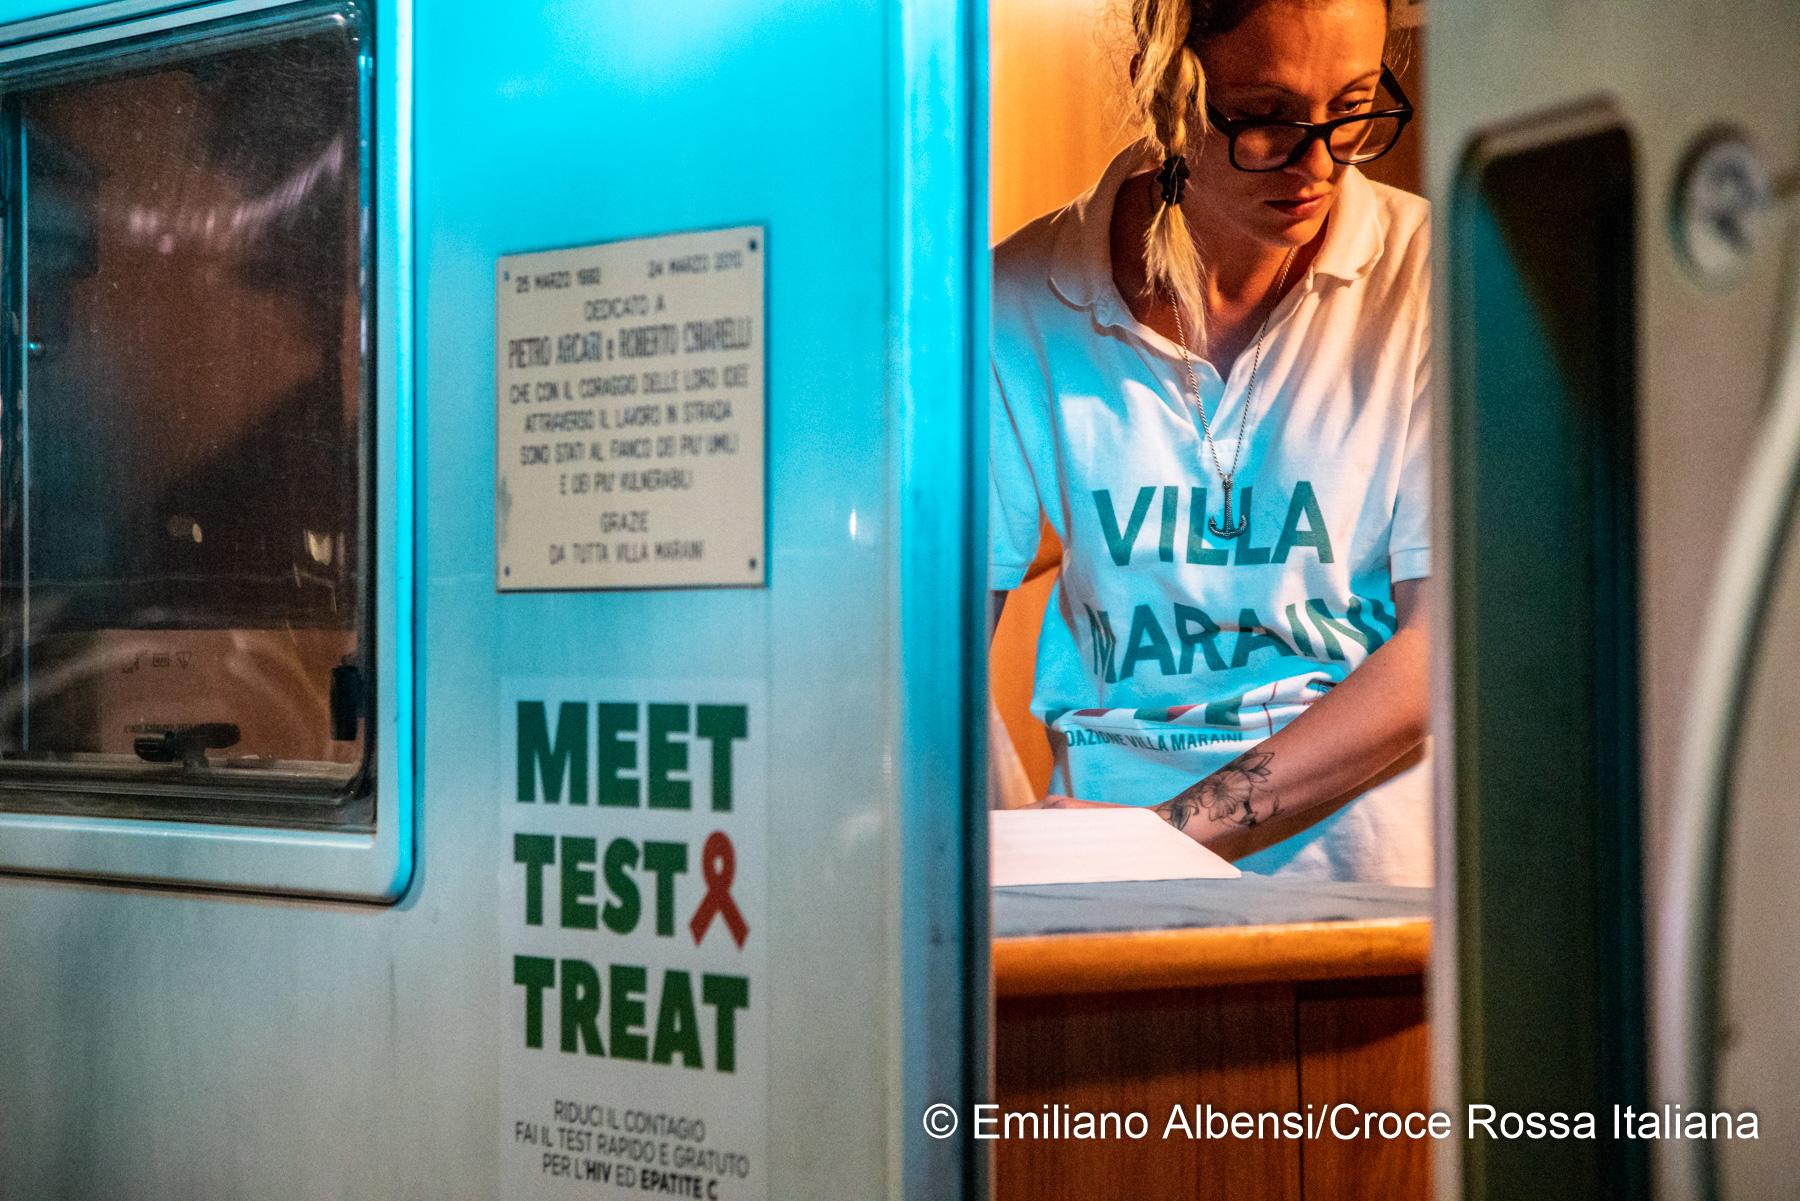 """Per la prima volta, in più di 40 città, la CRI in strada con test gratuiti HIV e HCV. """"Andiamo incontro alle fasce sociali emarginate"""""""